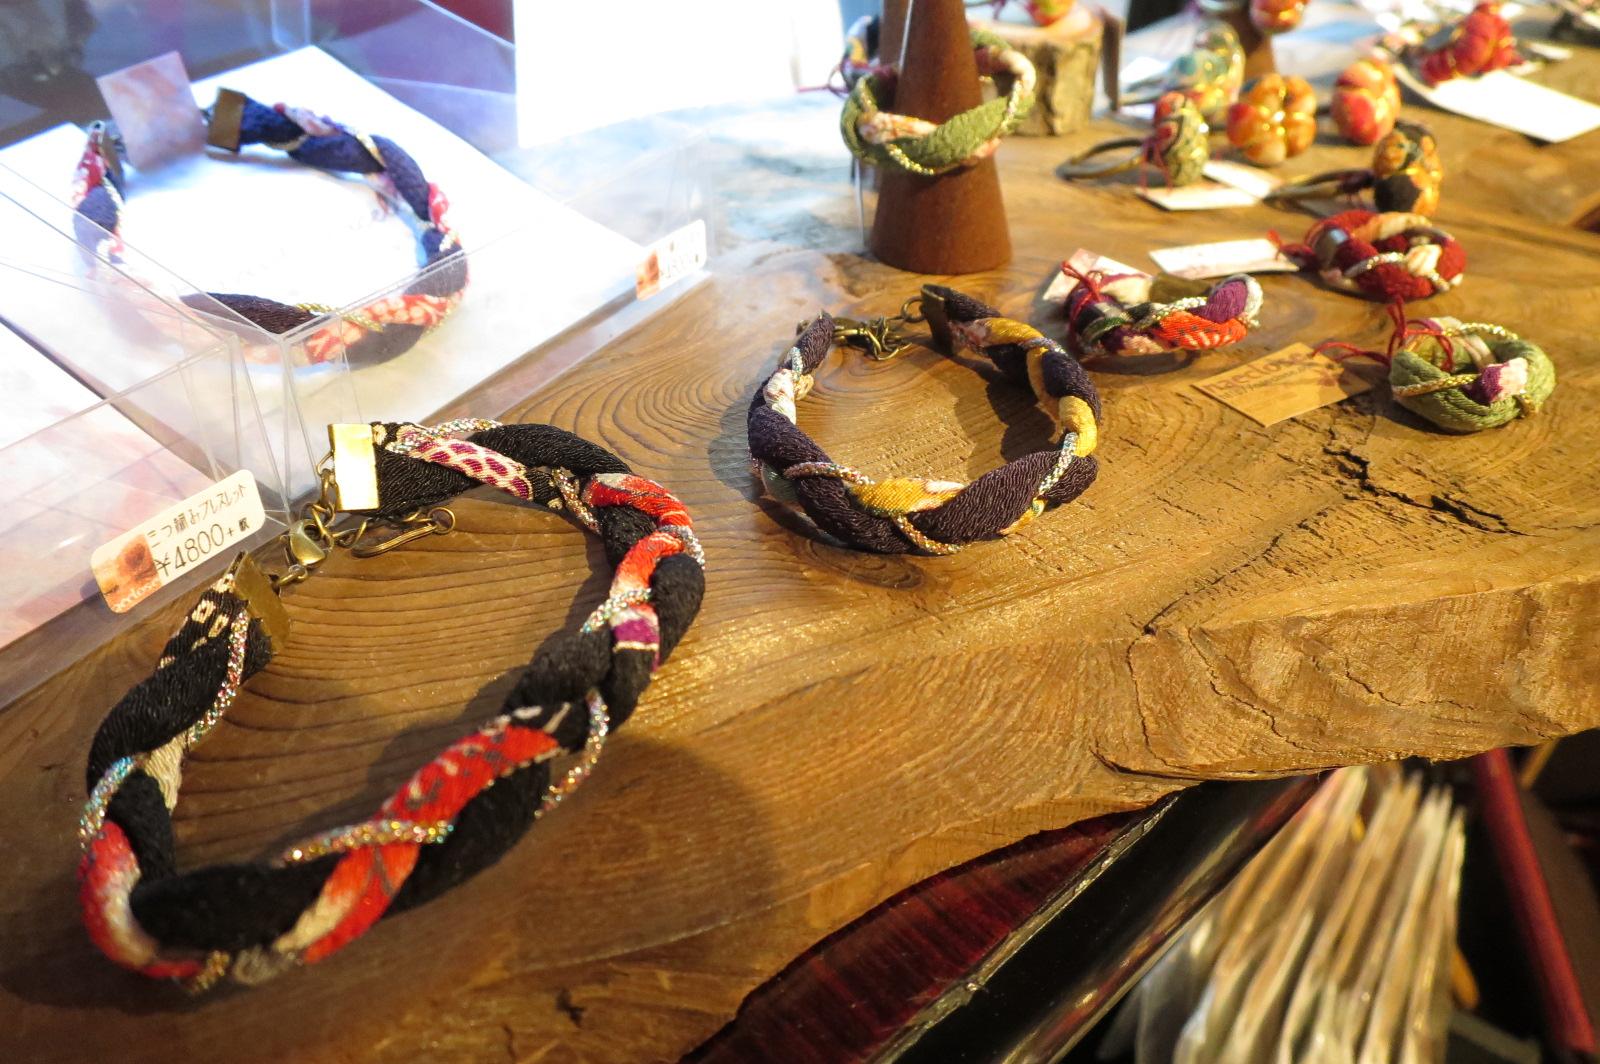 京都産の素材を使ったブレスレット。お土産にも喜ばれそうですね。